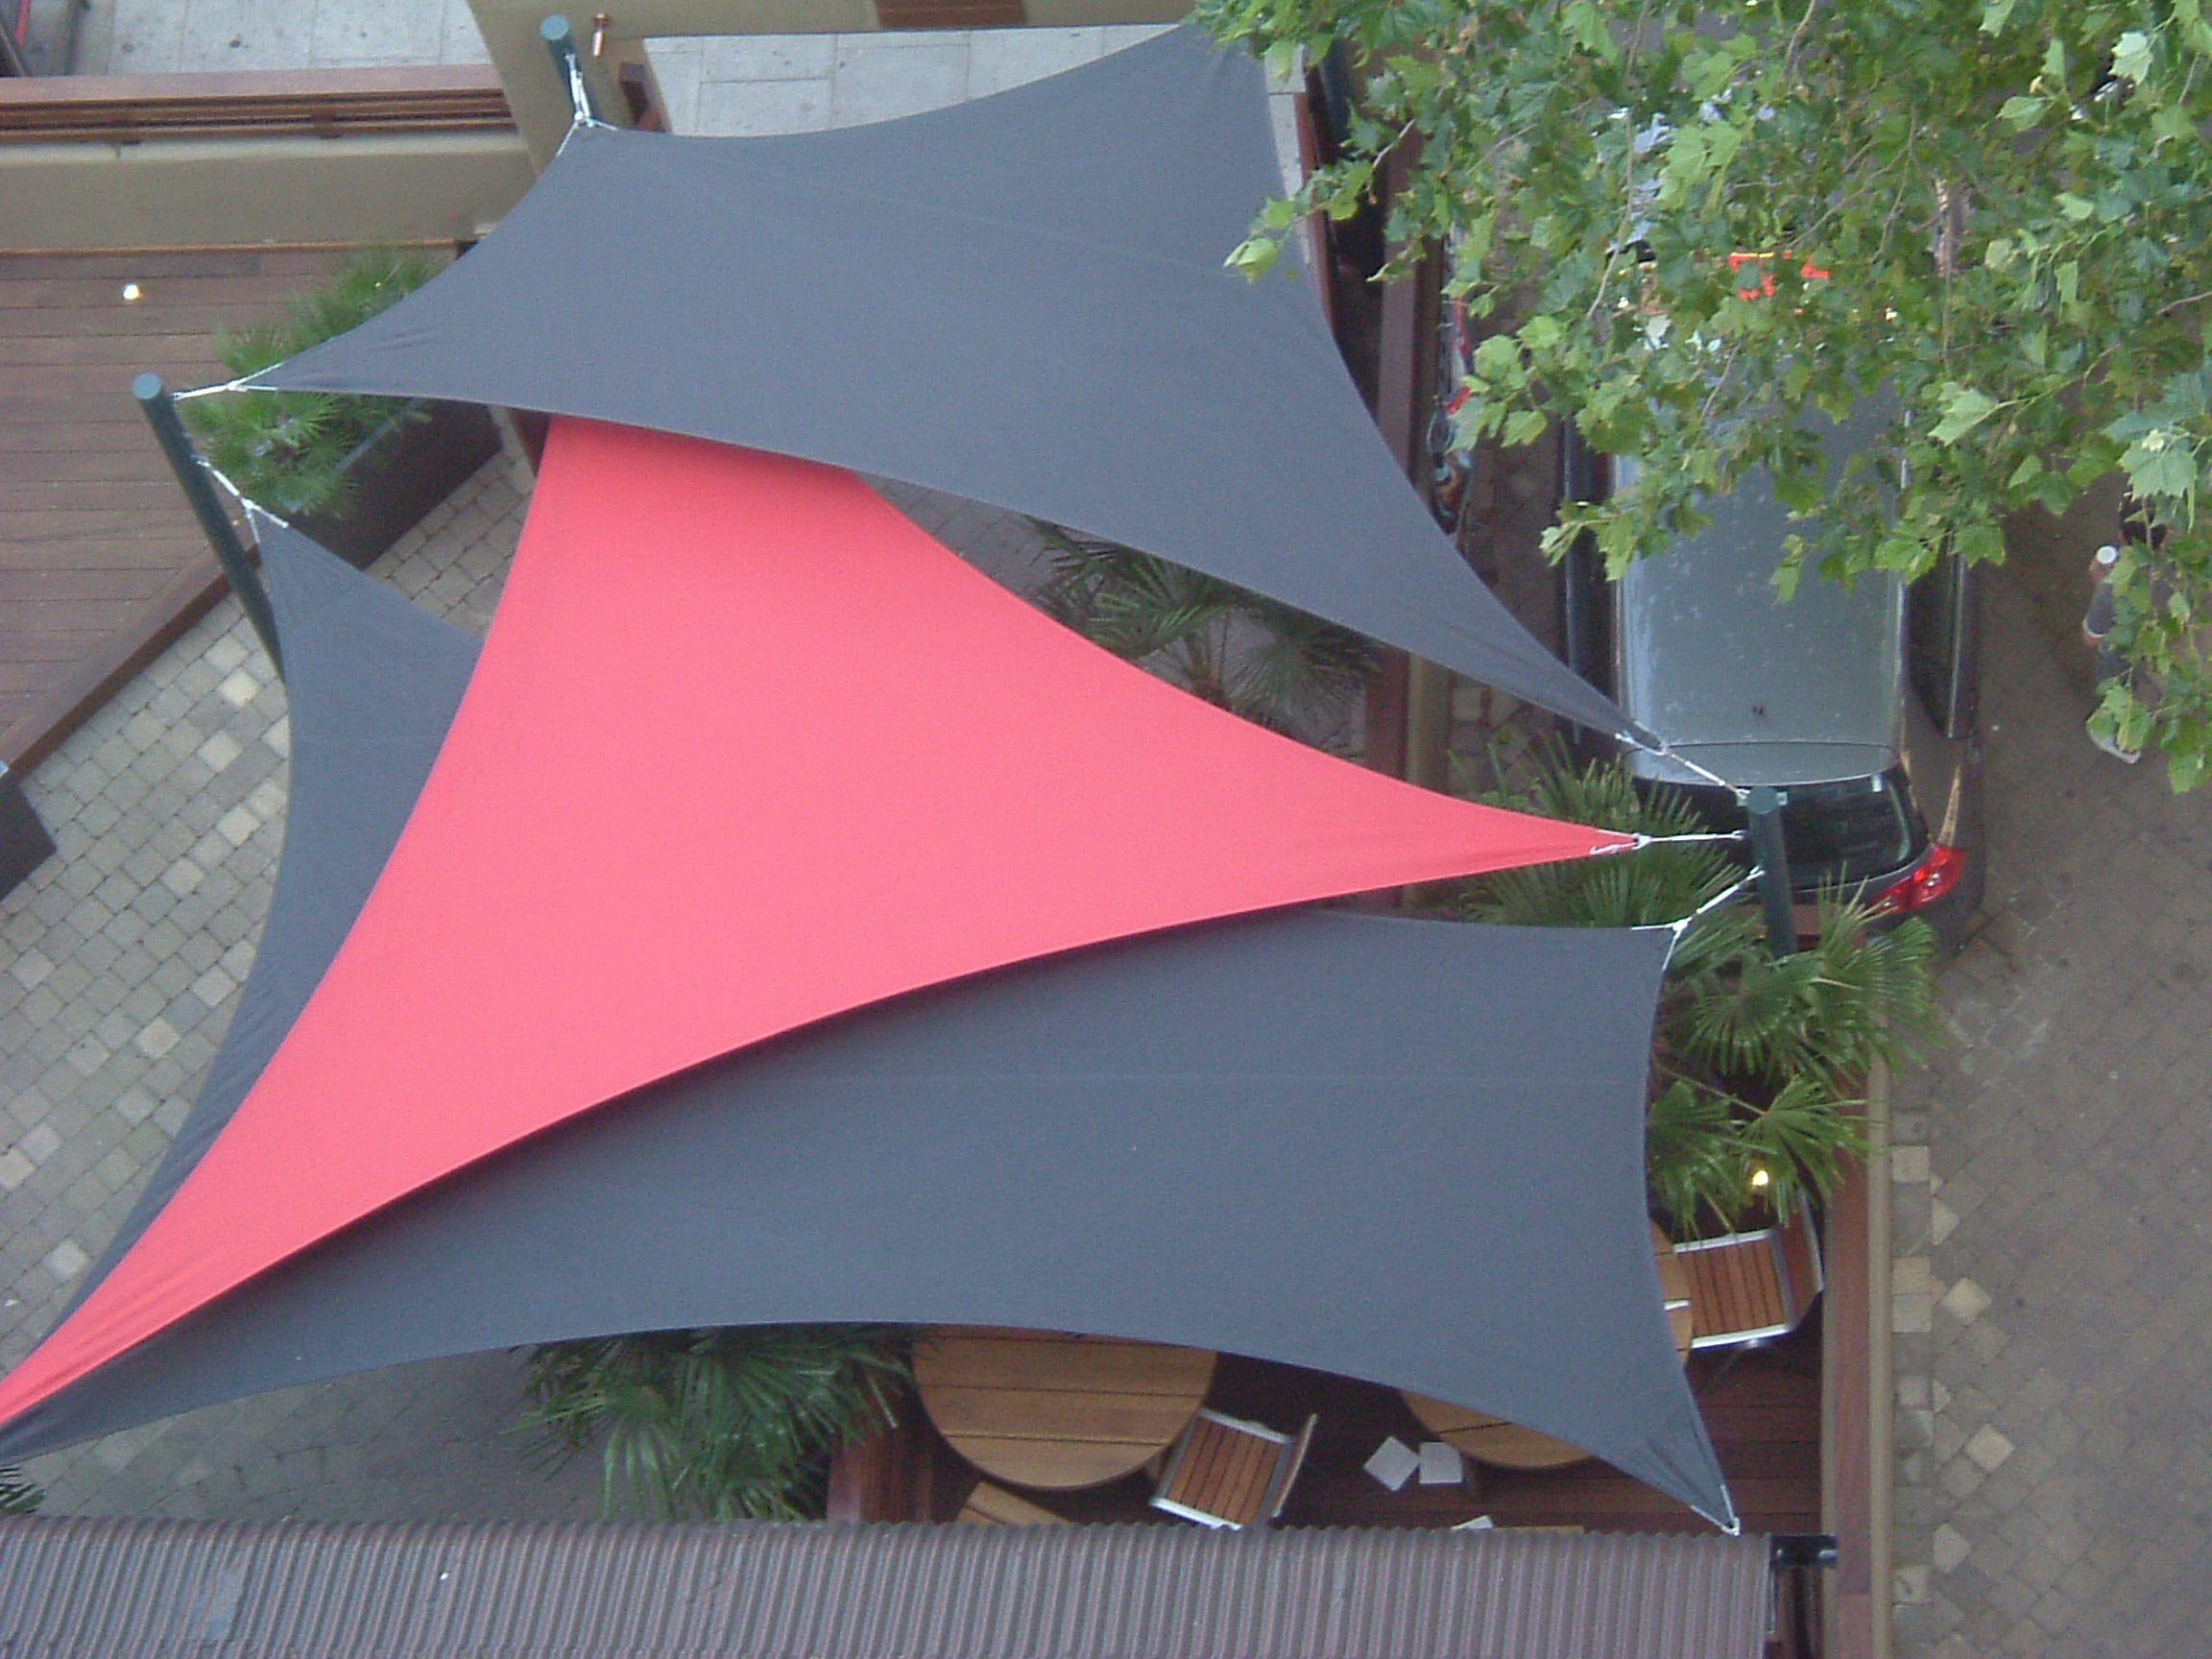 Sail Shades At Nandos In Brixton By Breezefree See More At Www Breezefree Com Shade Sail Patio Shade Backyard Shade